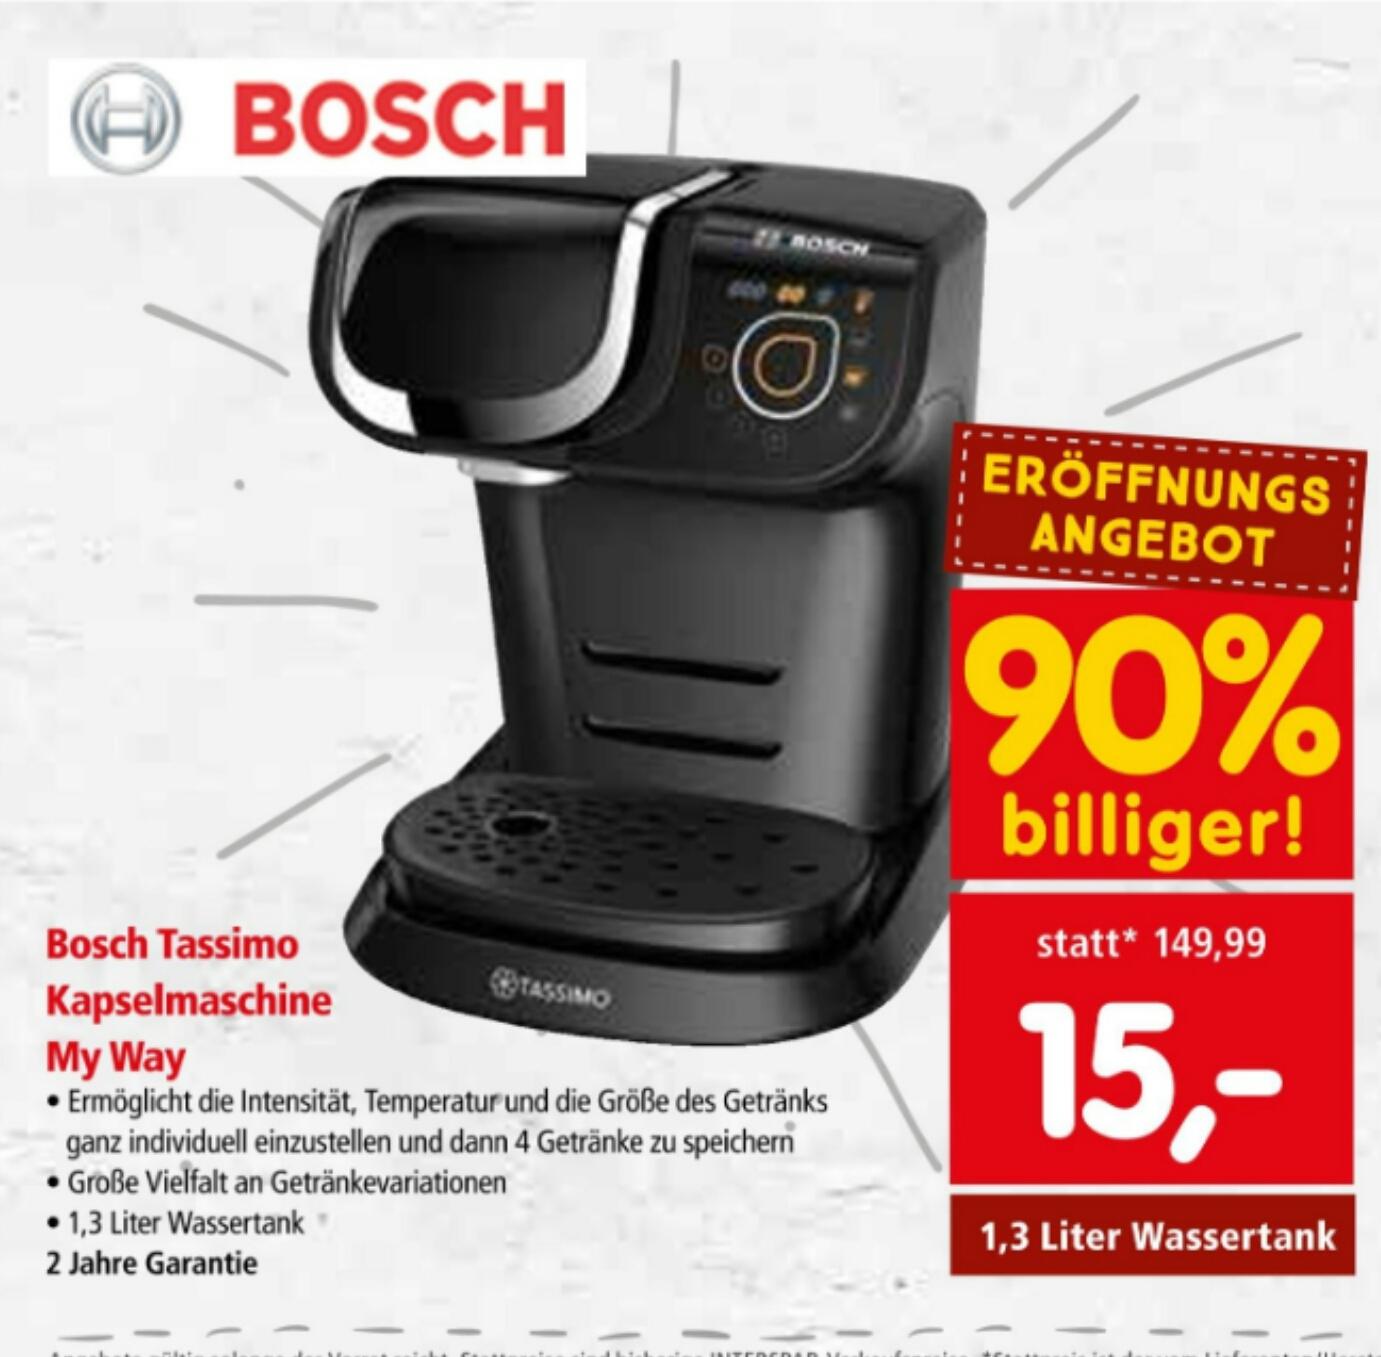 [INTERSPAR Wien Alt-Erlaa] Angebote z.B. Bosch Tassimo Kapselmaschine My Ways um nur 15€ ab morgen 01.04. (Bestpreis!)